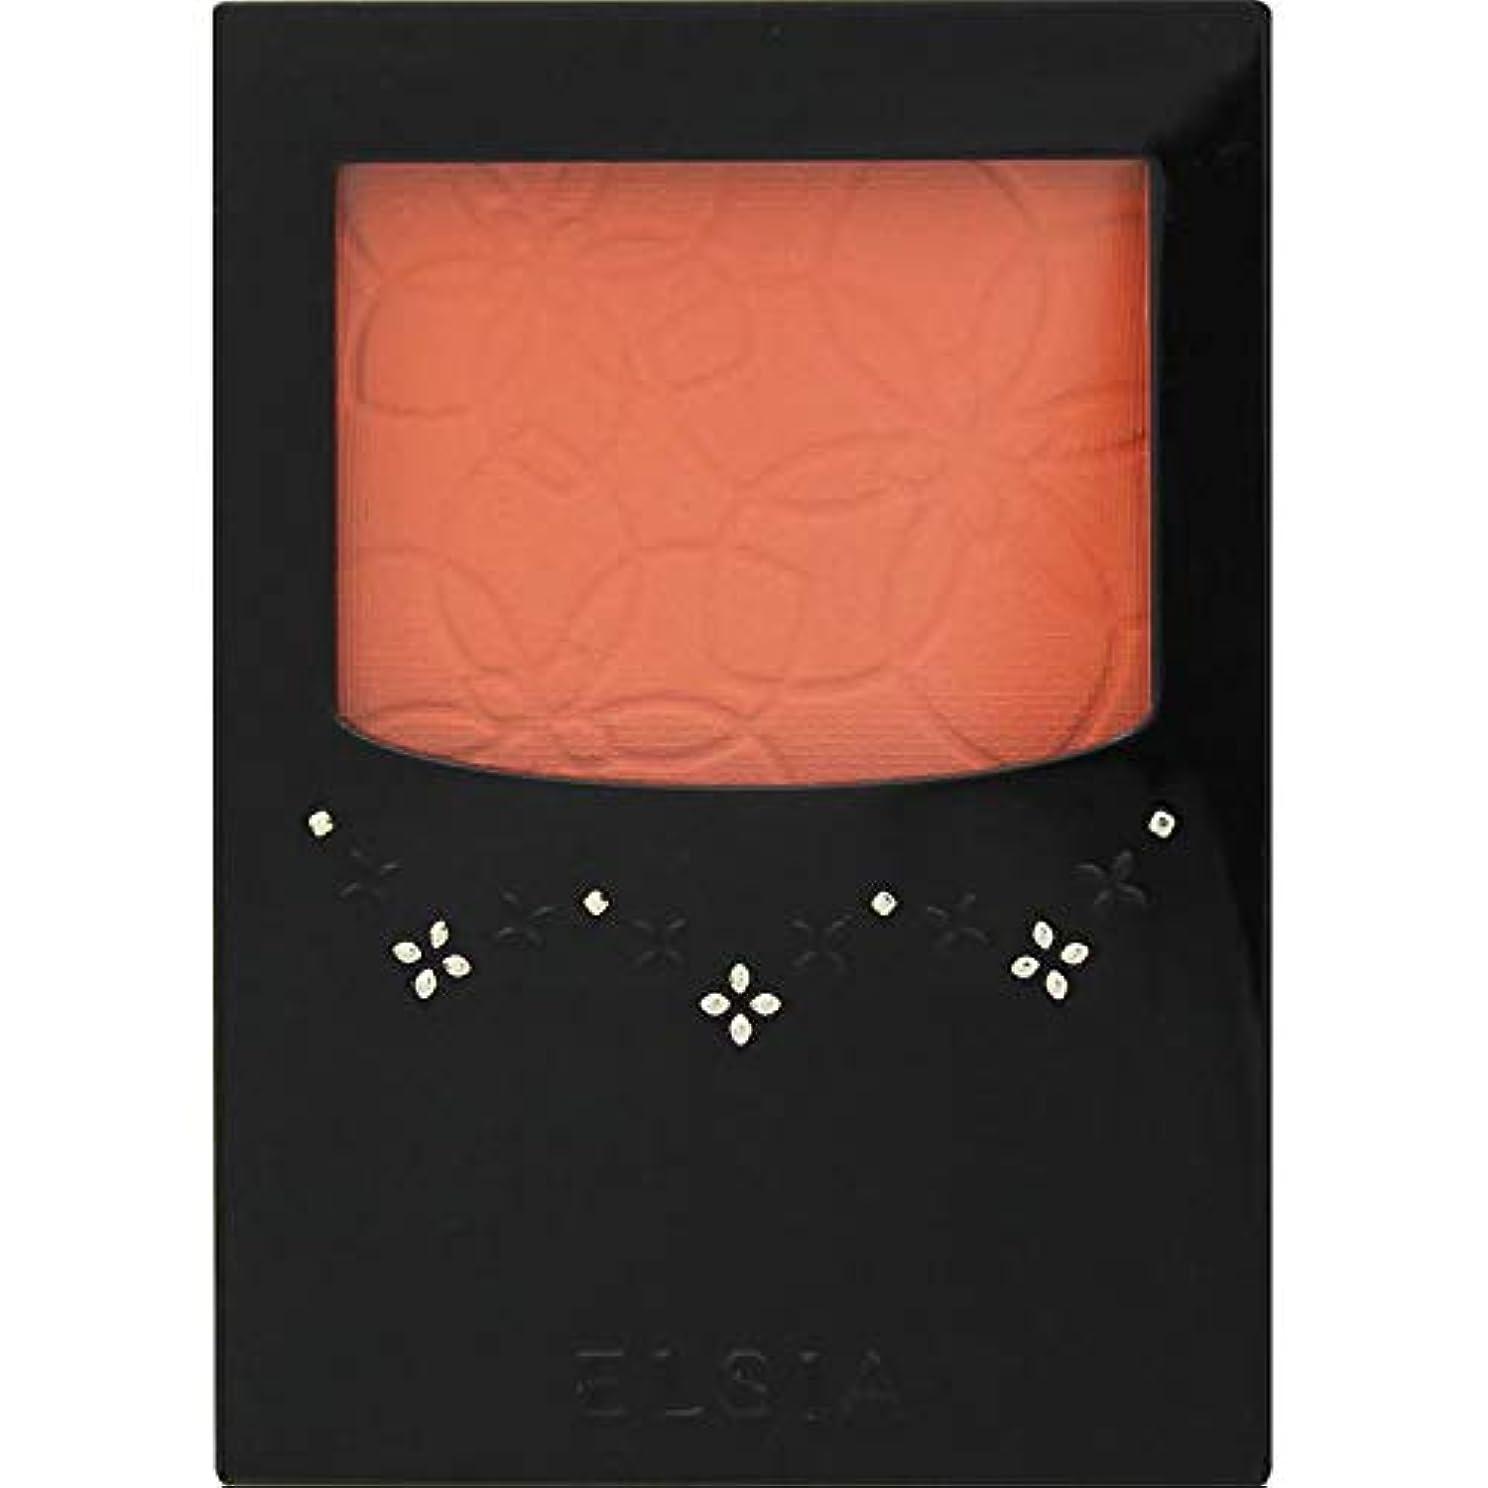 プロフェッショナル家主ビリーヤギエルシア プラチナム 明るさ&血色アップ チークカラー オレンジ系 OR200 3.5g